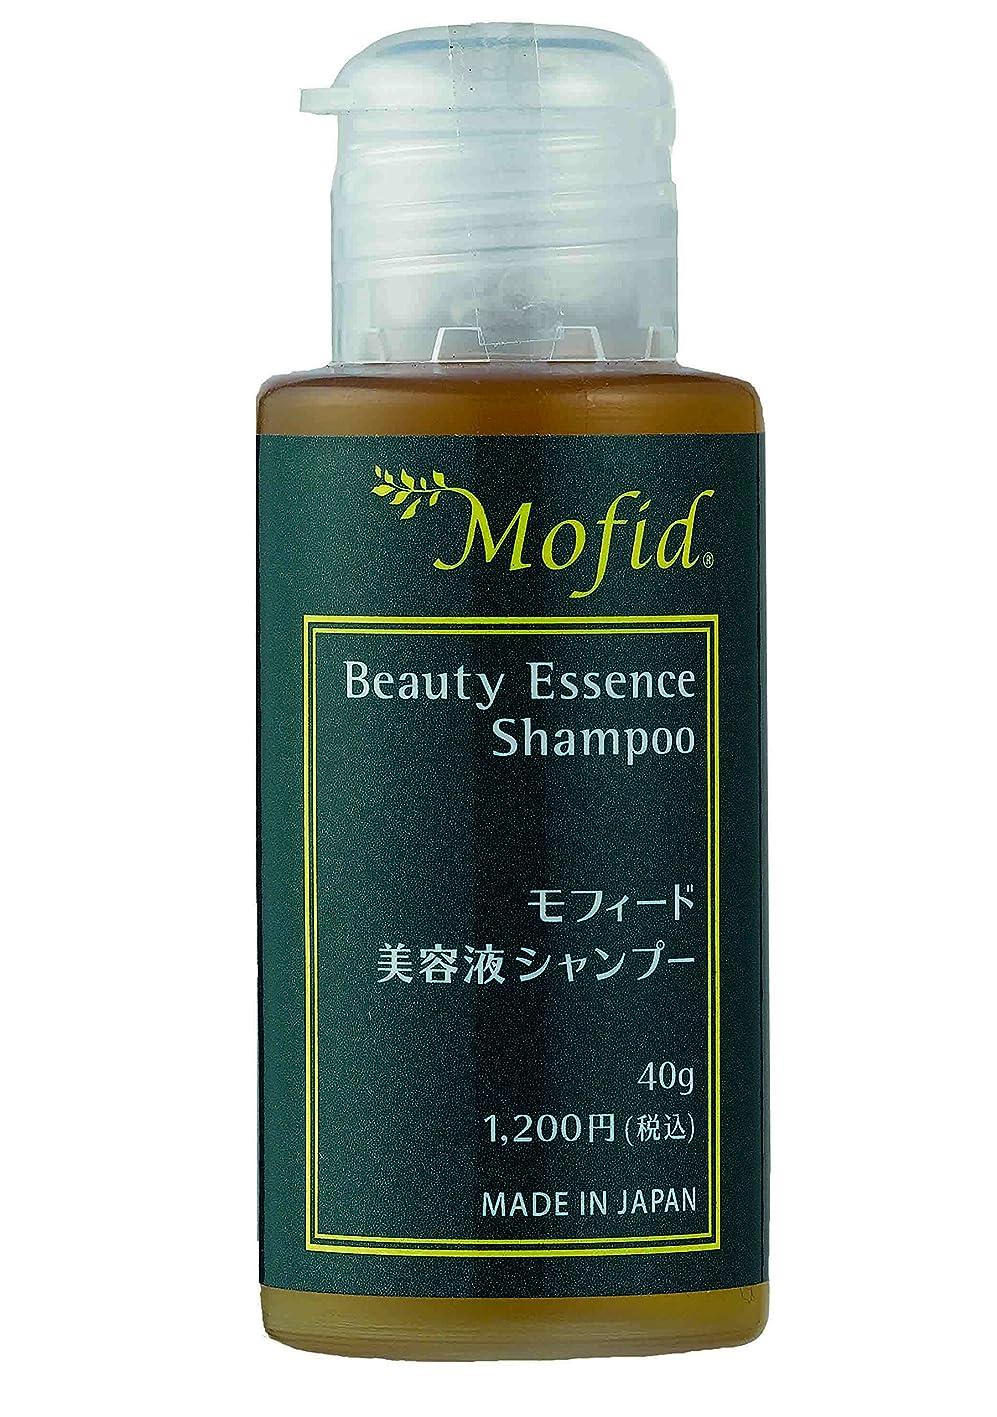 有毒バドミントンれる日本製 モフィード 美容液 シャンプー 40g 【ハラル Halal 認証 シャンプー】 Mofid Beauty Serum Shampoo